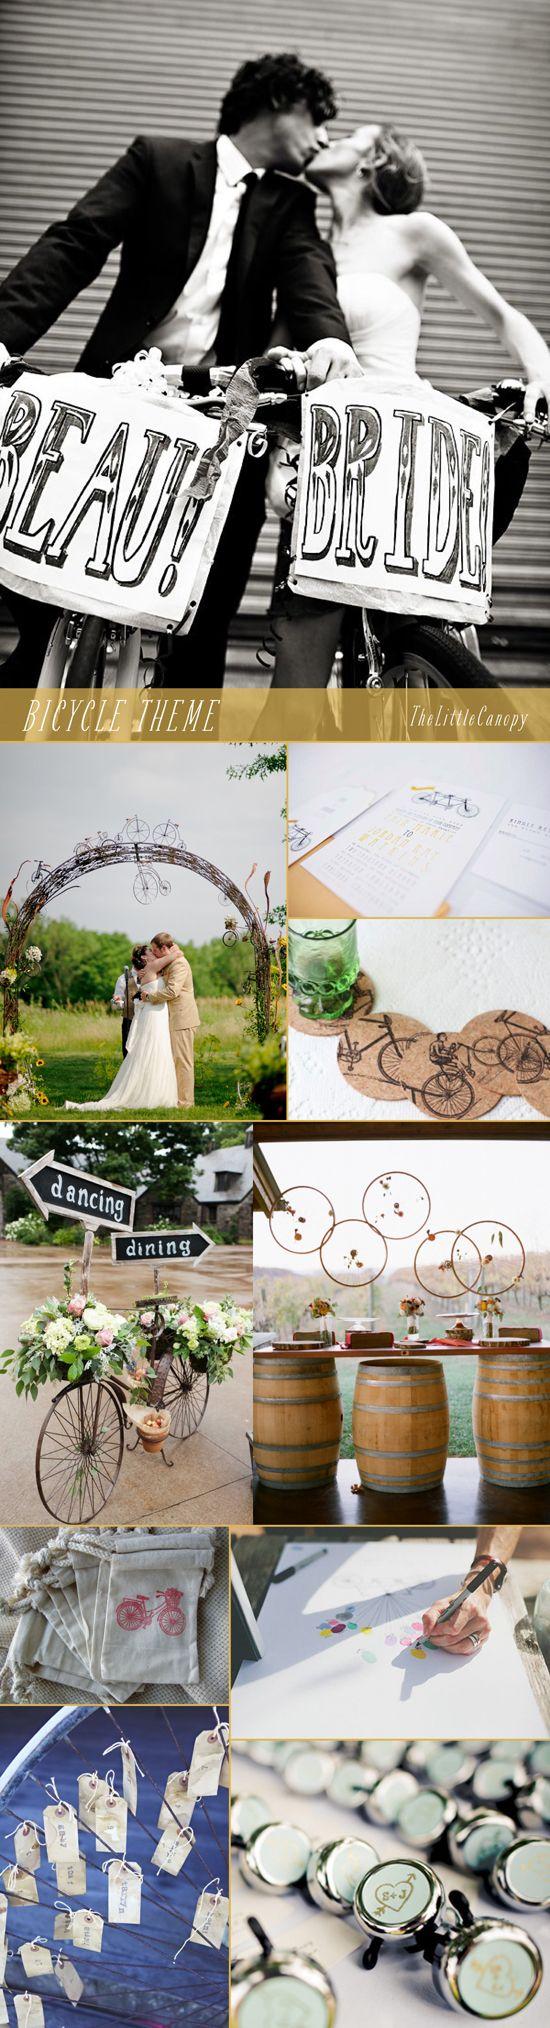 Los temas de las bodas pueden surgir de lo que gustes, si no, mira esta boda con temática de bicicletas y un ligero toque francés ¡oh la la! #Bodas #Temáticas #Bicicletas